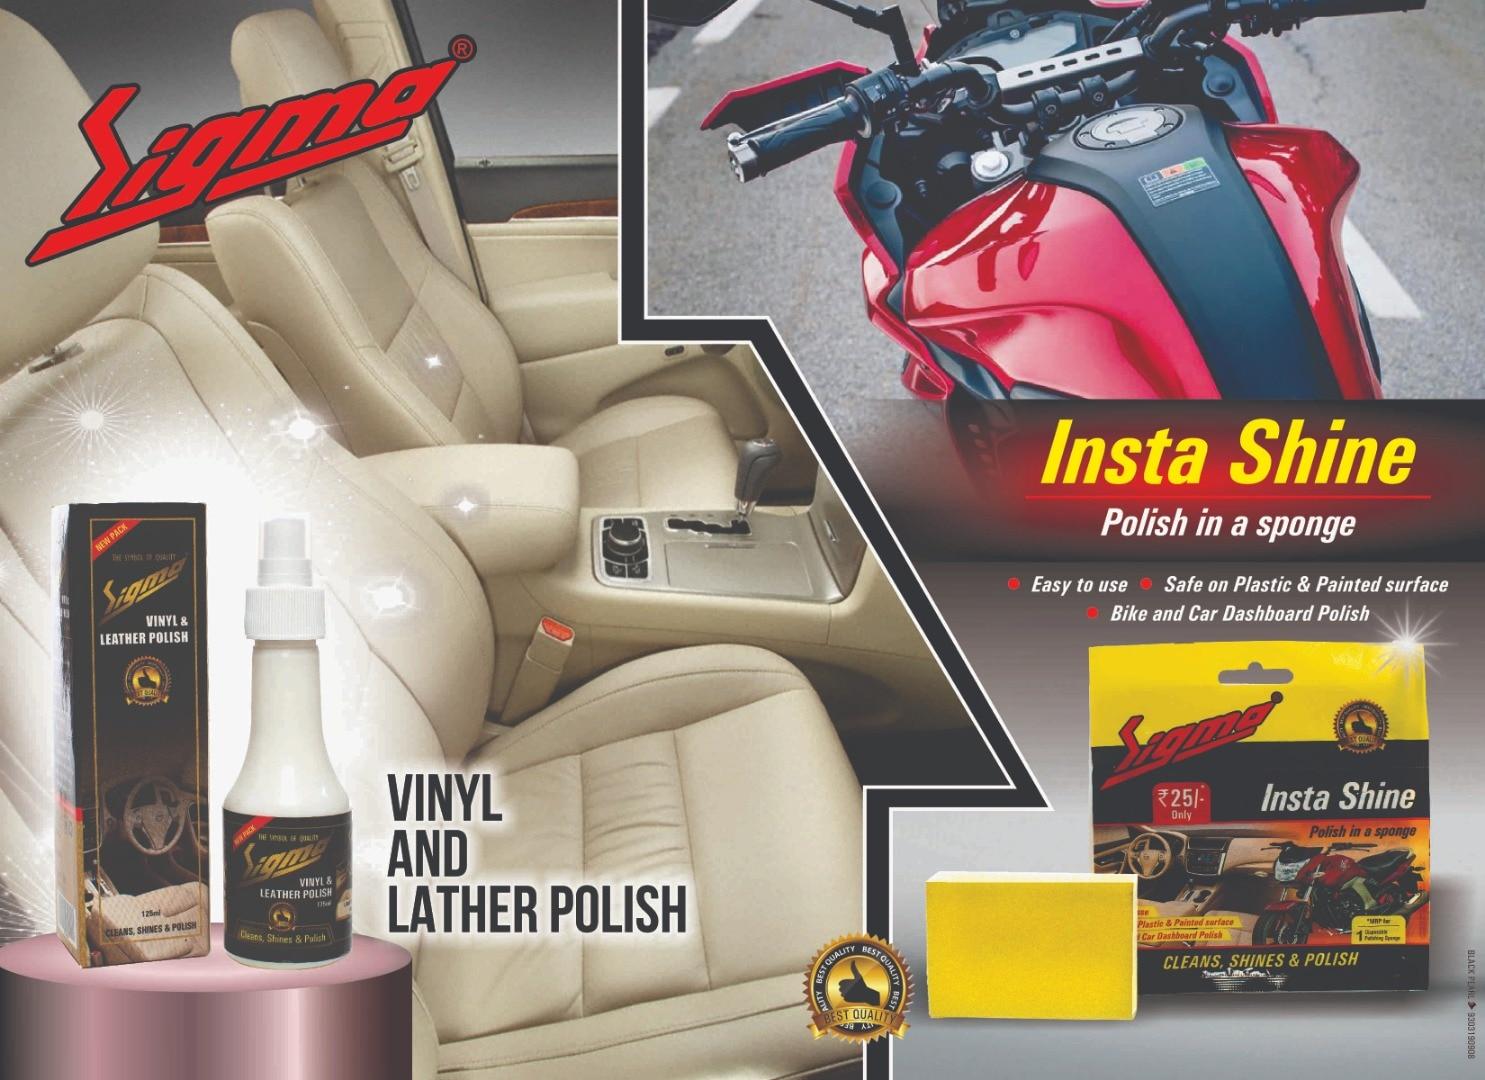 How to make car dashboard polish